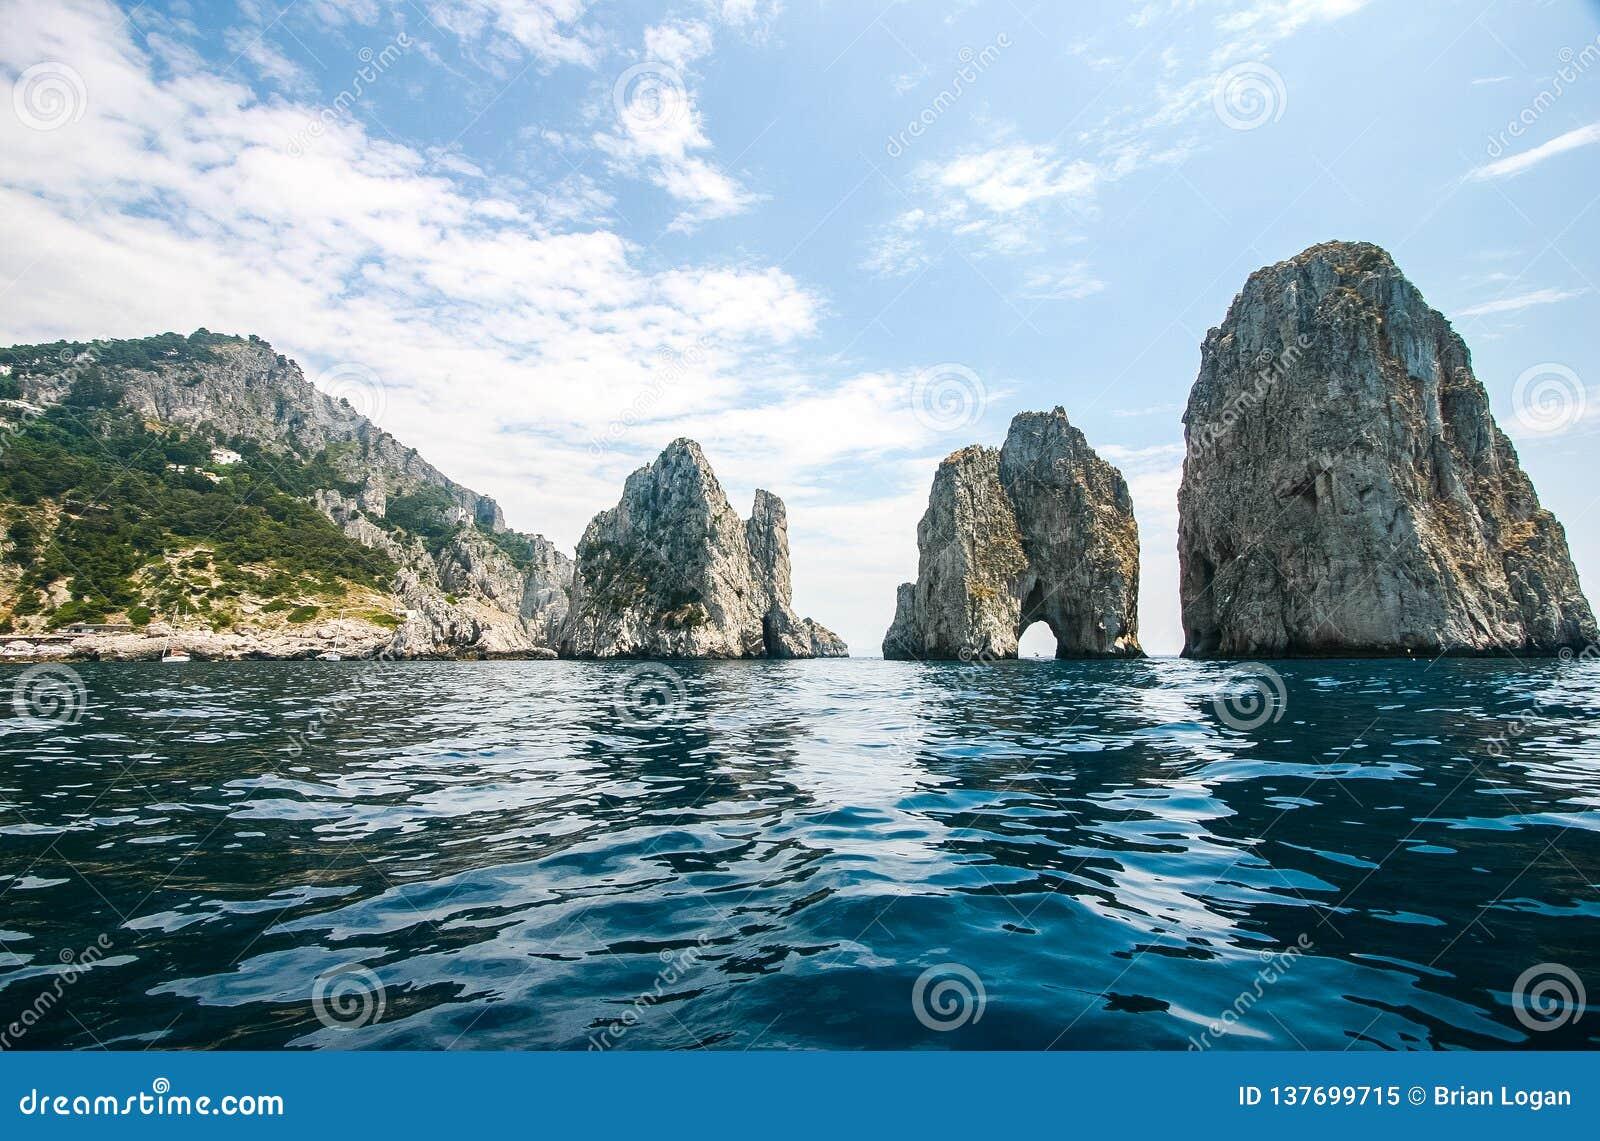 Capri, Italia - Faraglioni